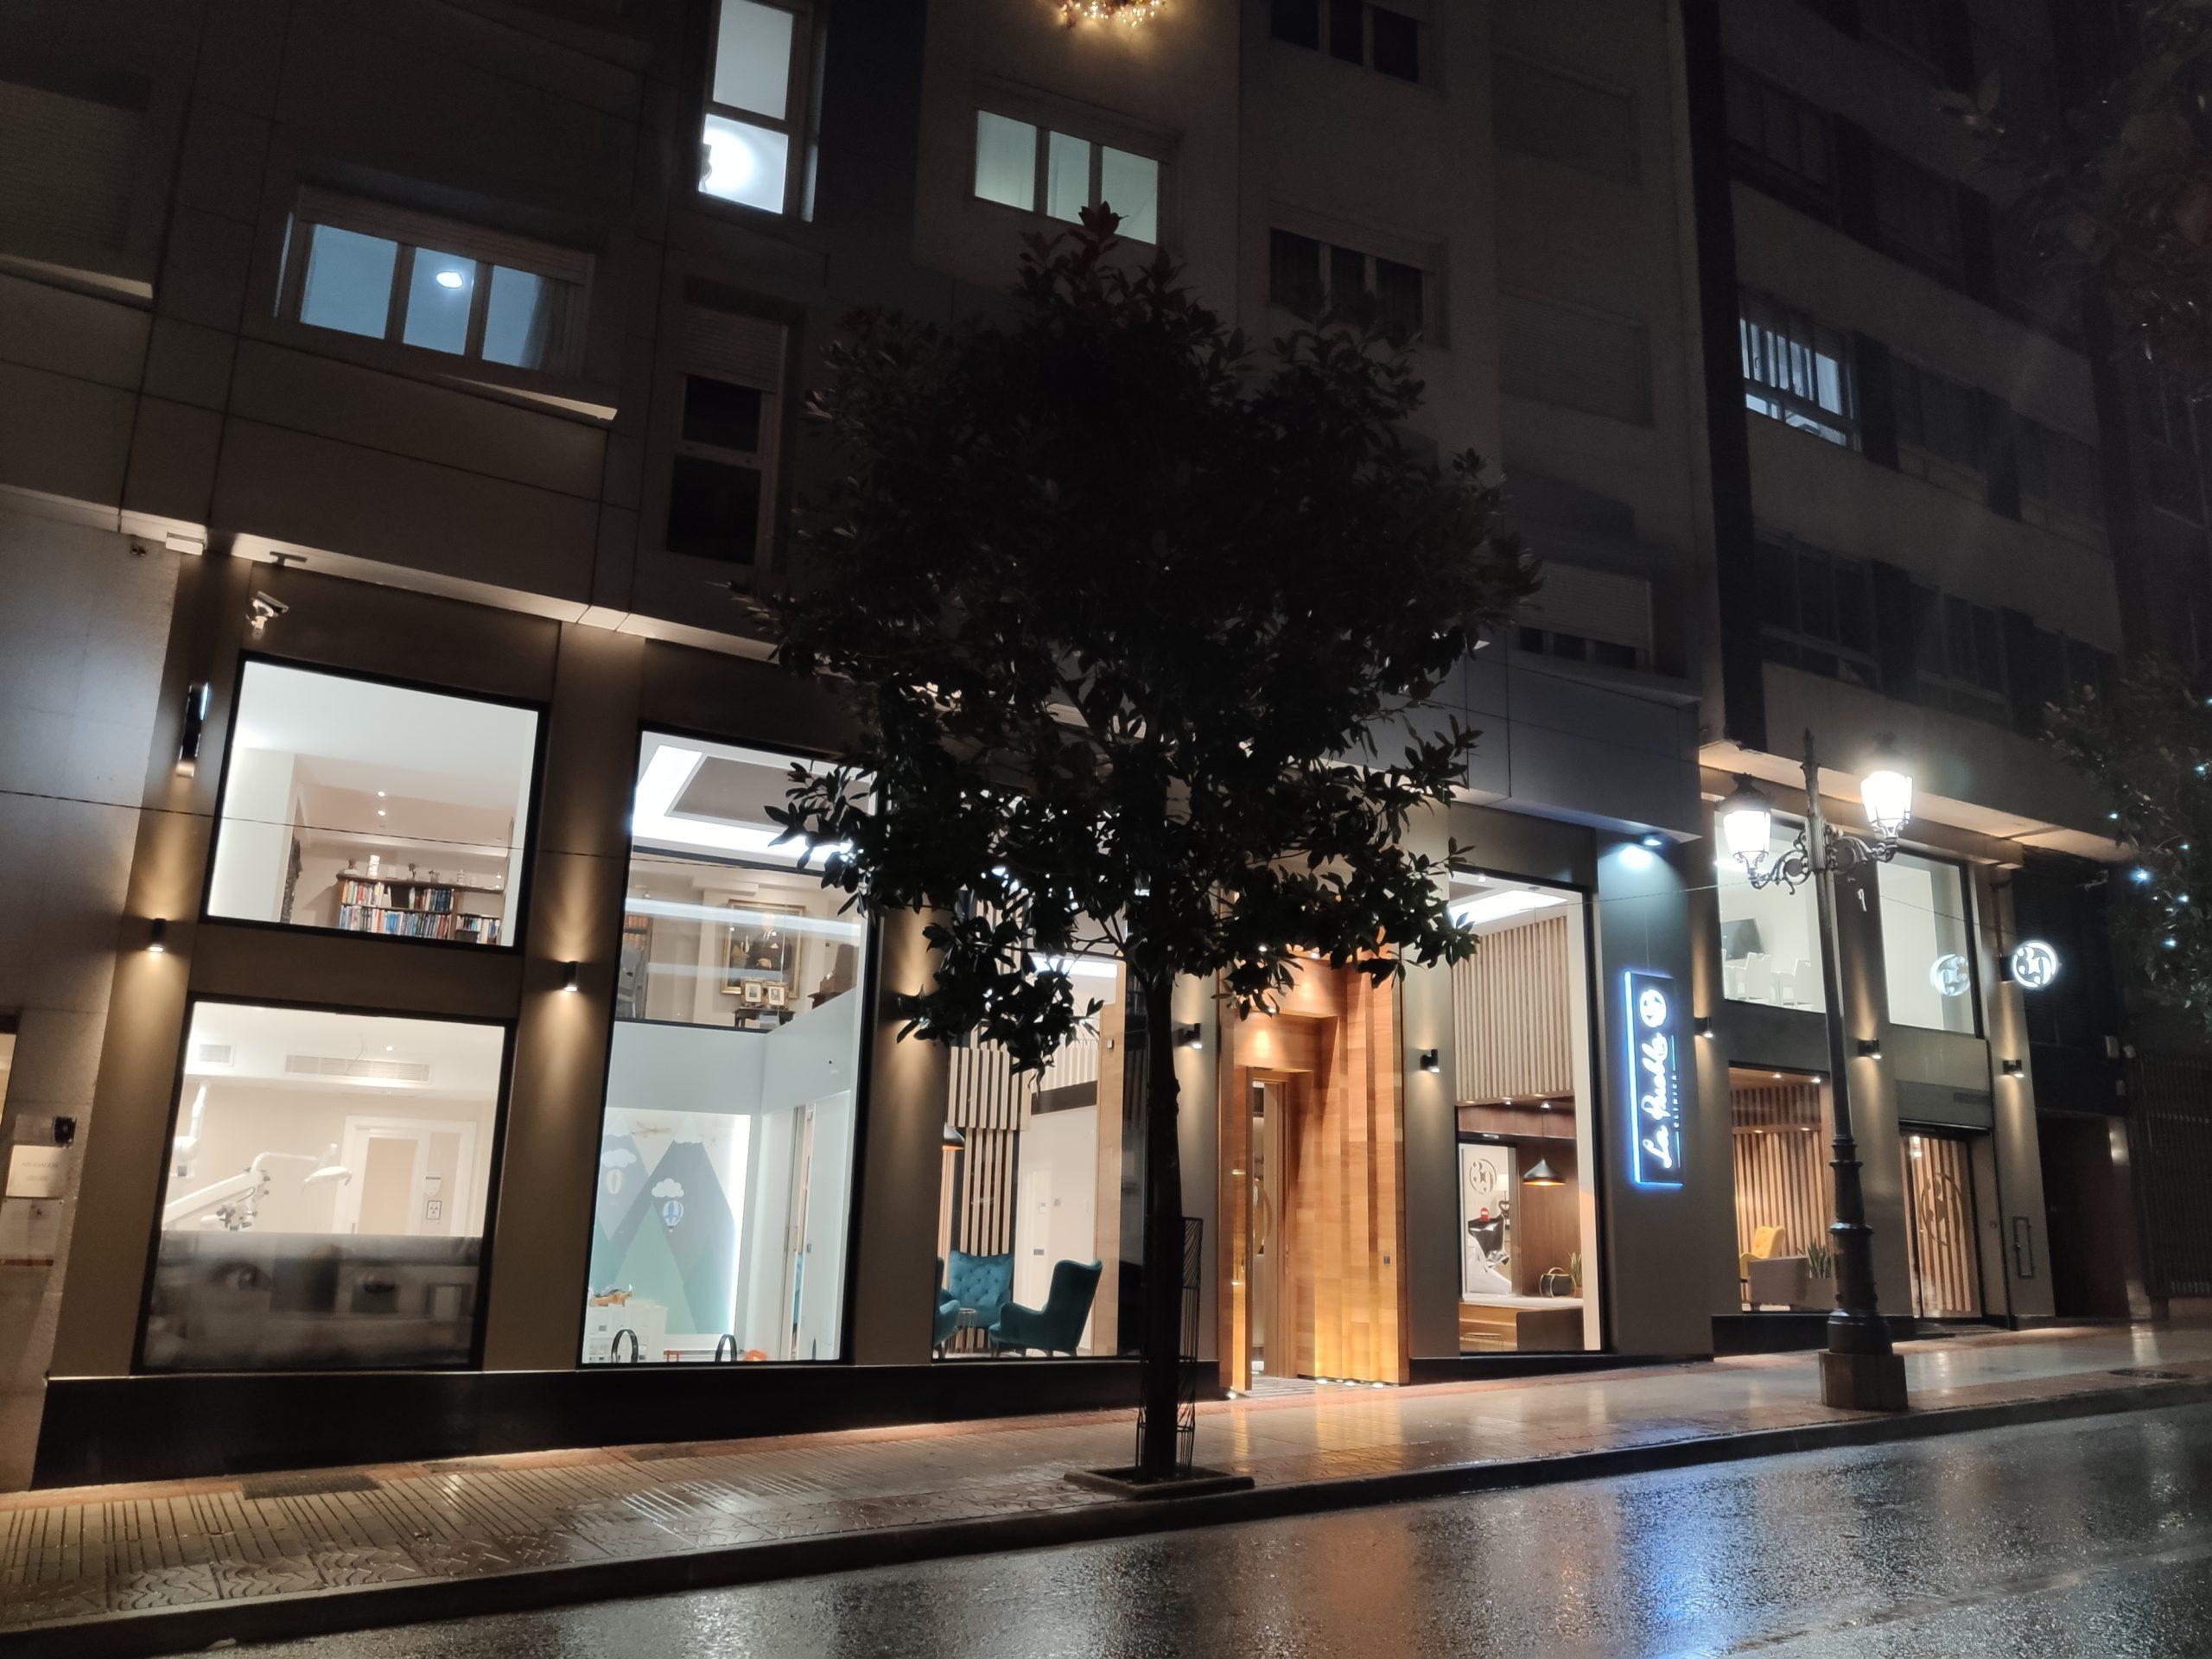 La Puebla 39. Un centro de formación especializada para dentistas y una avanzada clínica revitaliza la Avenida de la Puebla 1